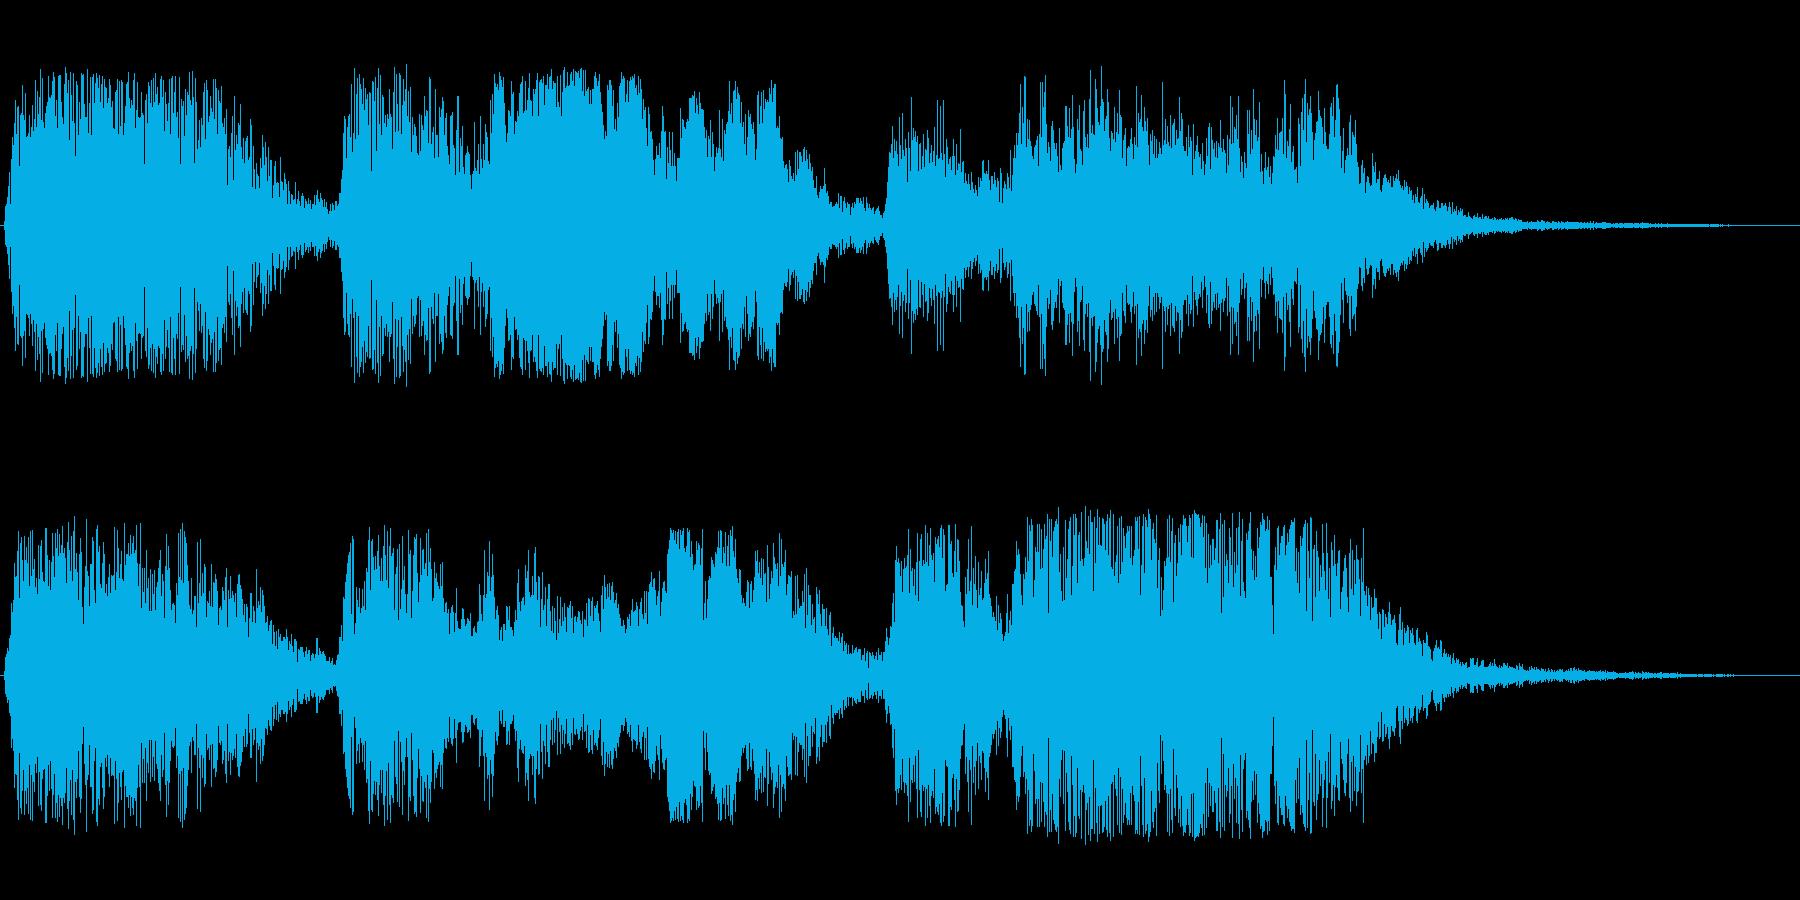 ファーファフォーフォファー(神聖な印象)の再生済みの波形